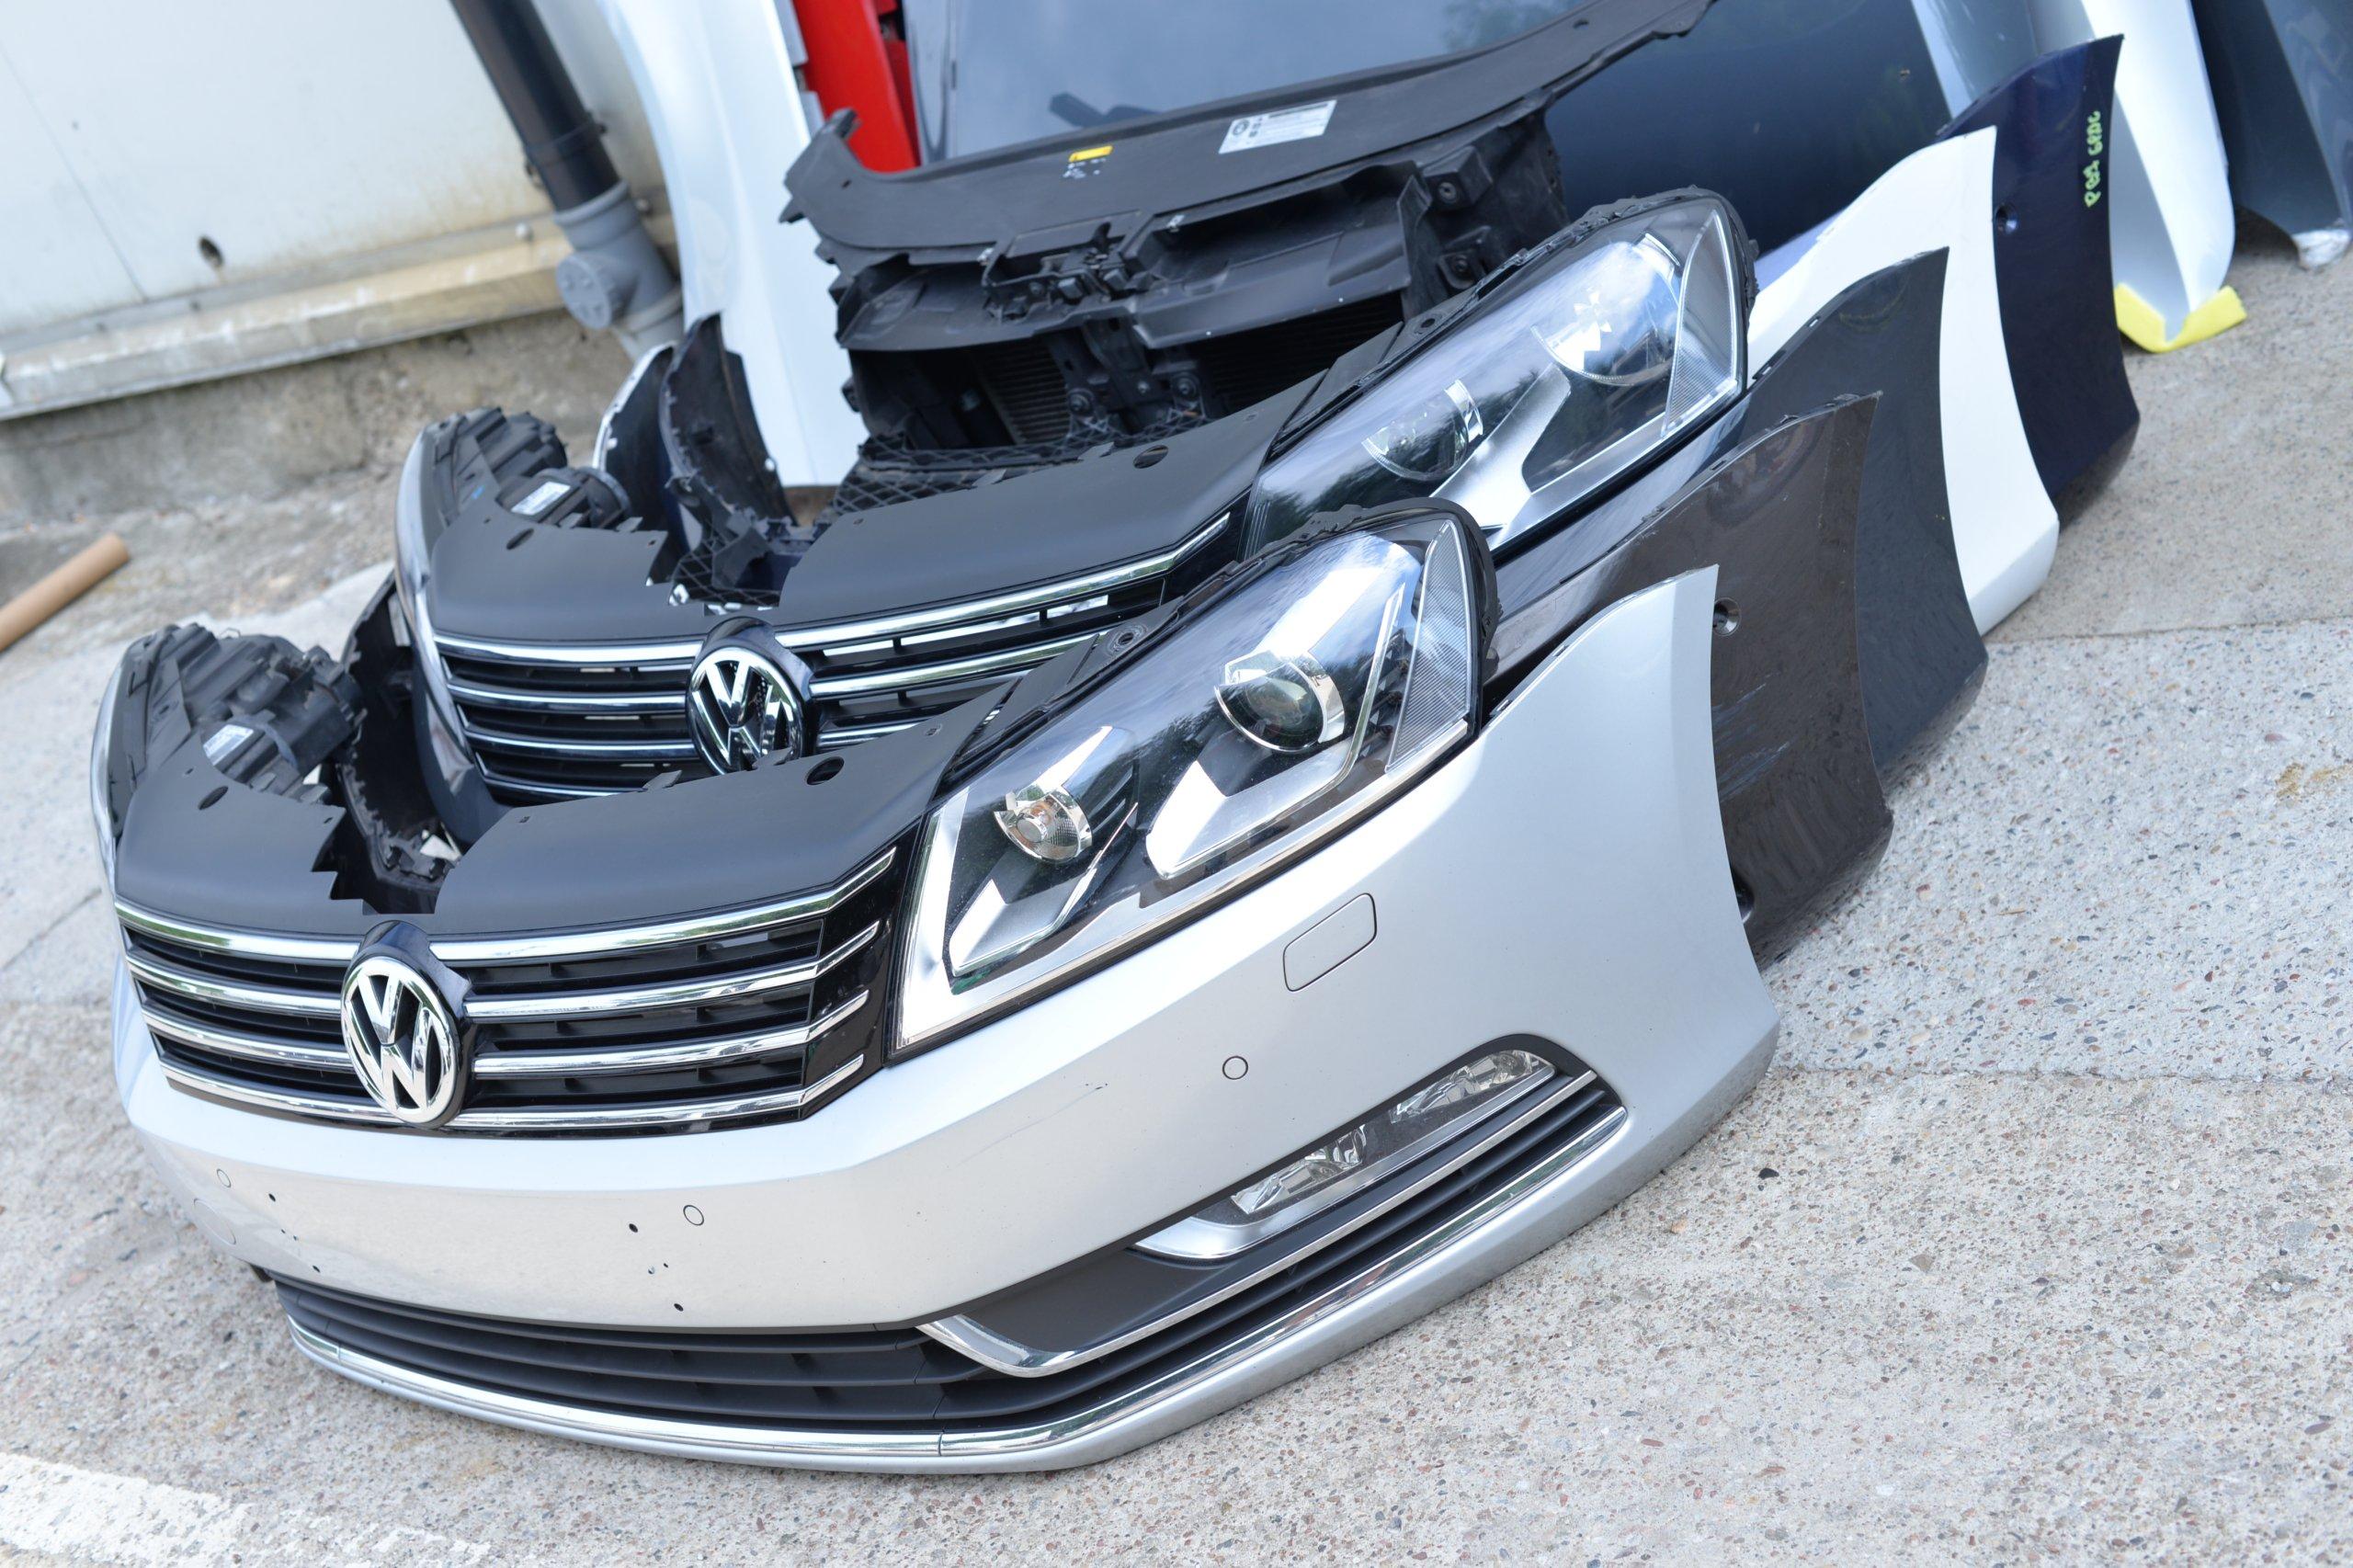 [КАПОТ ZDERZAK КРЫЛО REFLEKTOR PAS VW PASSAT B7 из Польши]изображение 5